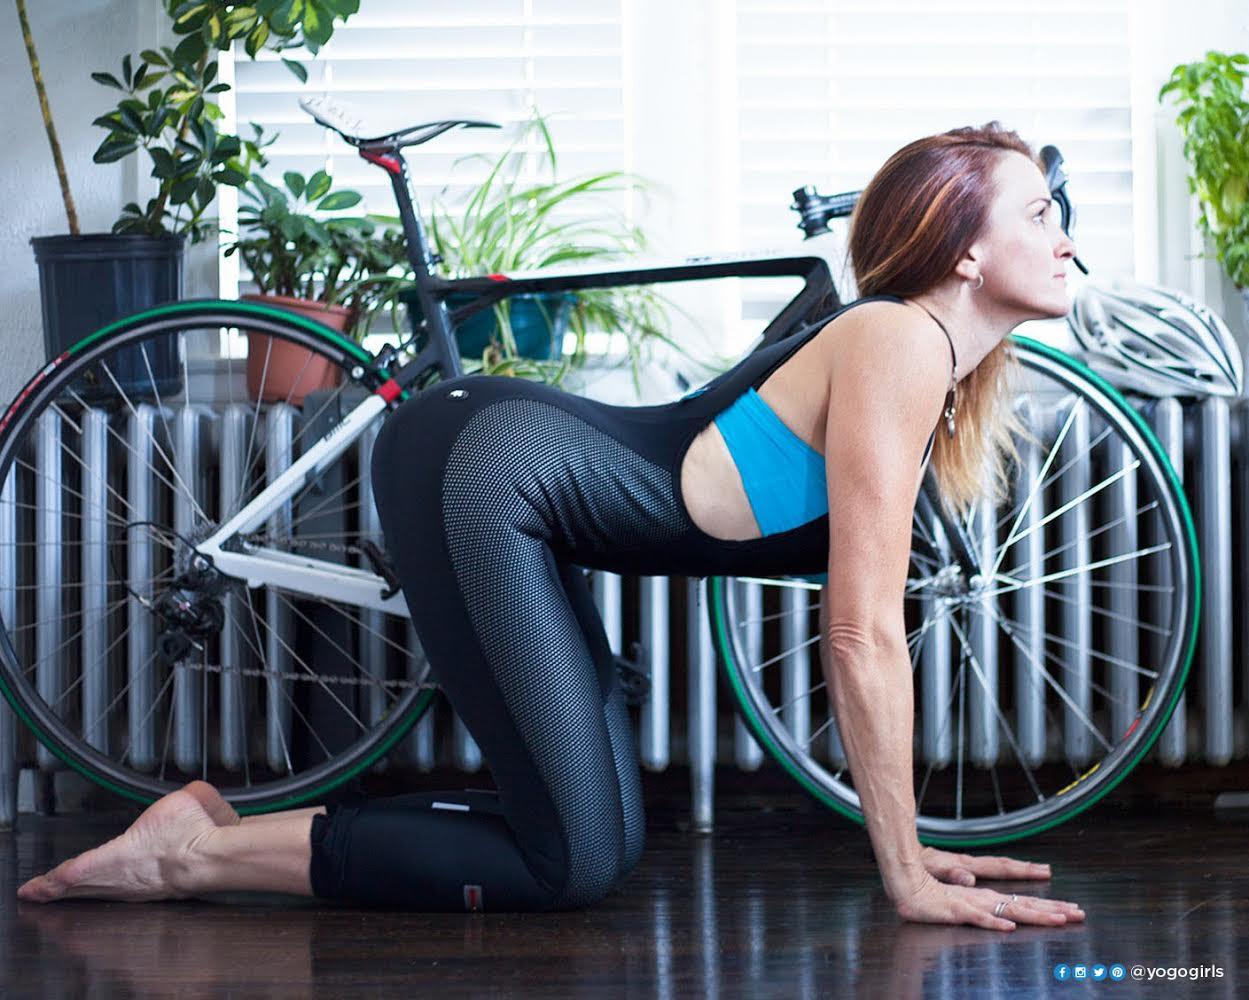 Resultado de imagem para bike snob woman